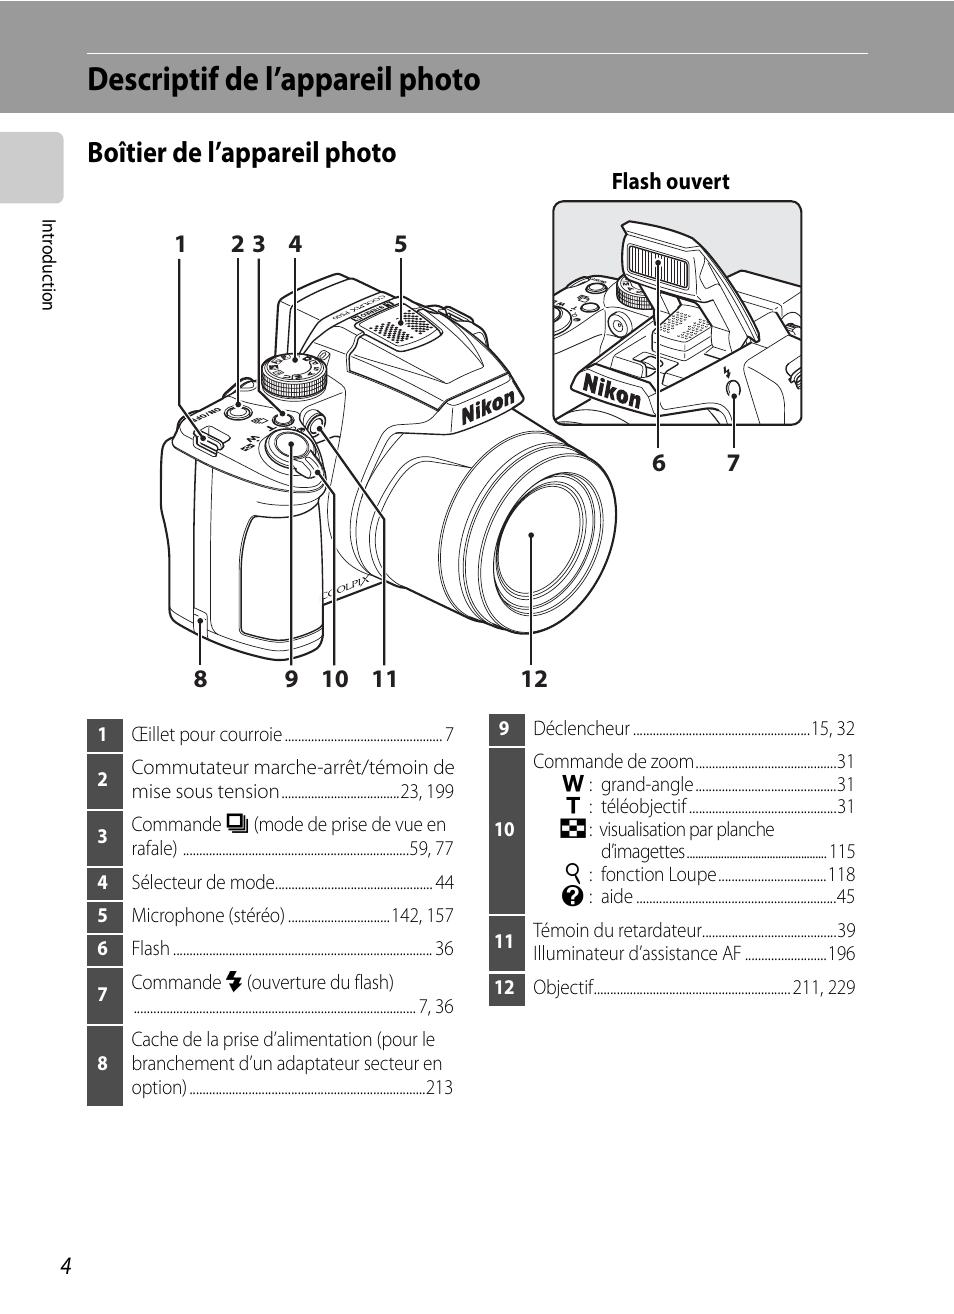 Descriptif de l'appareil photo, Boîtier de l'appareil